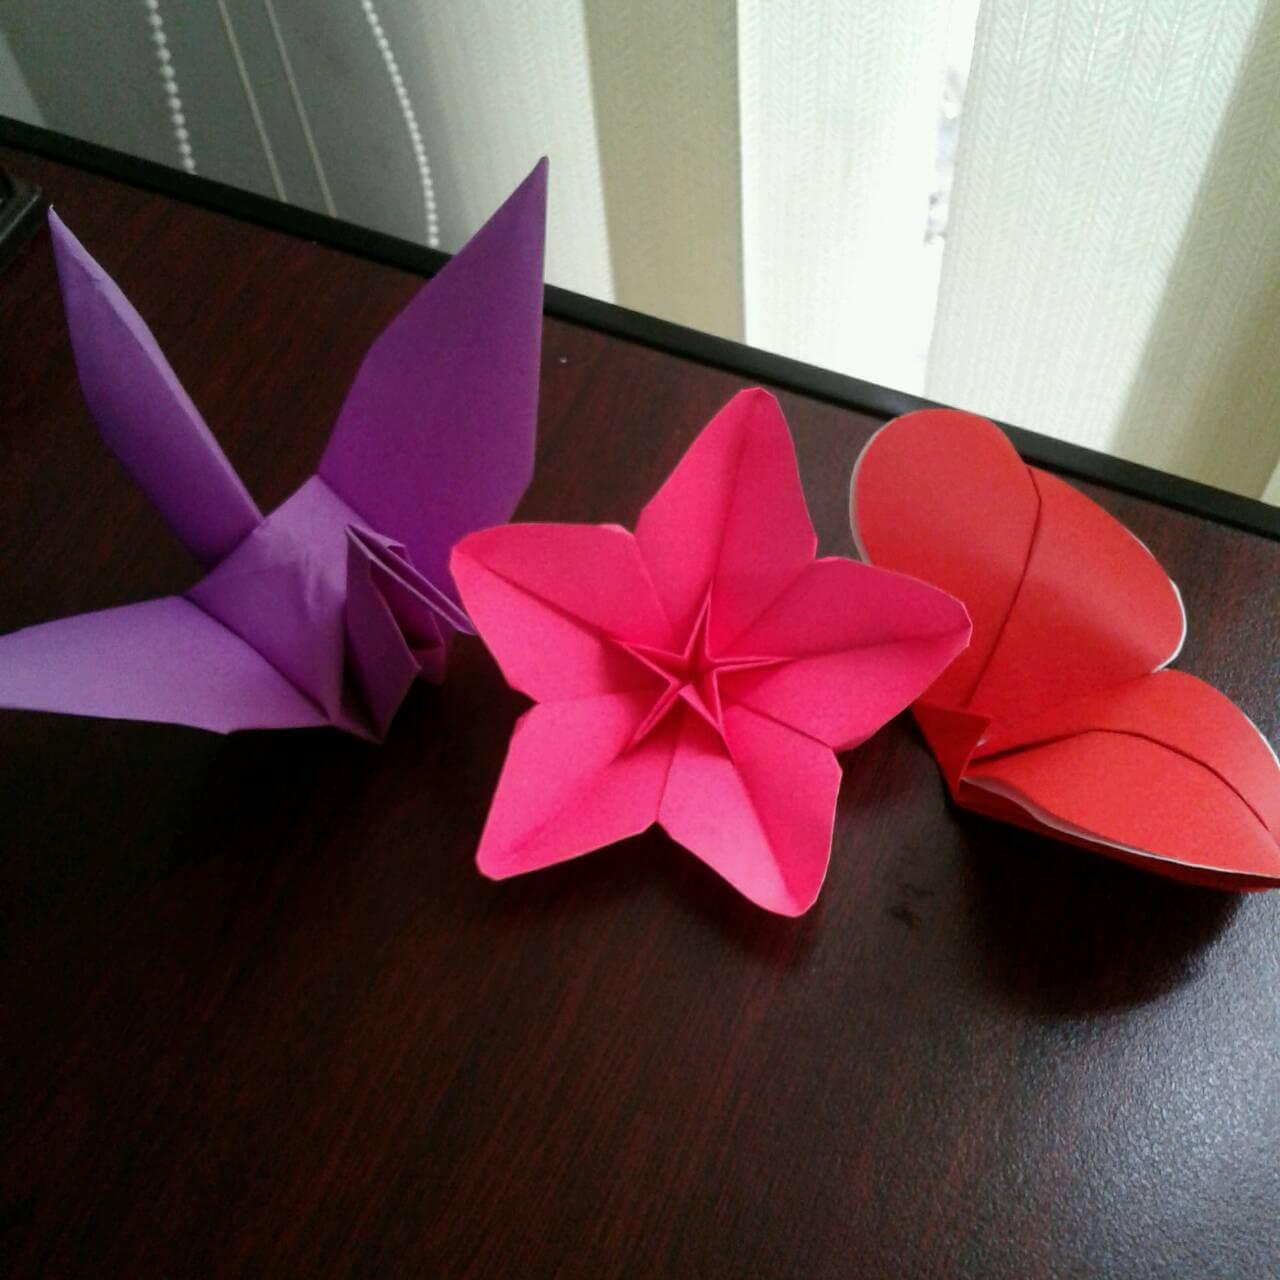 Belajar Origami Sekolah Di Jepangsekolah Di Jepang